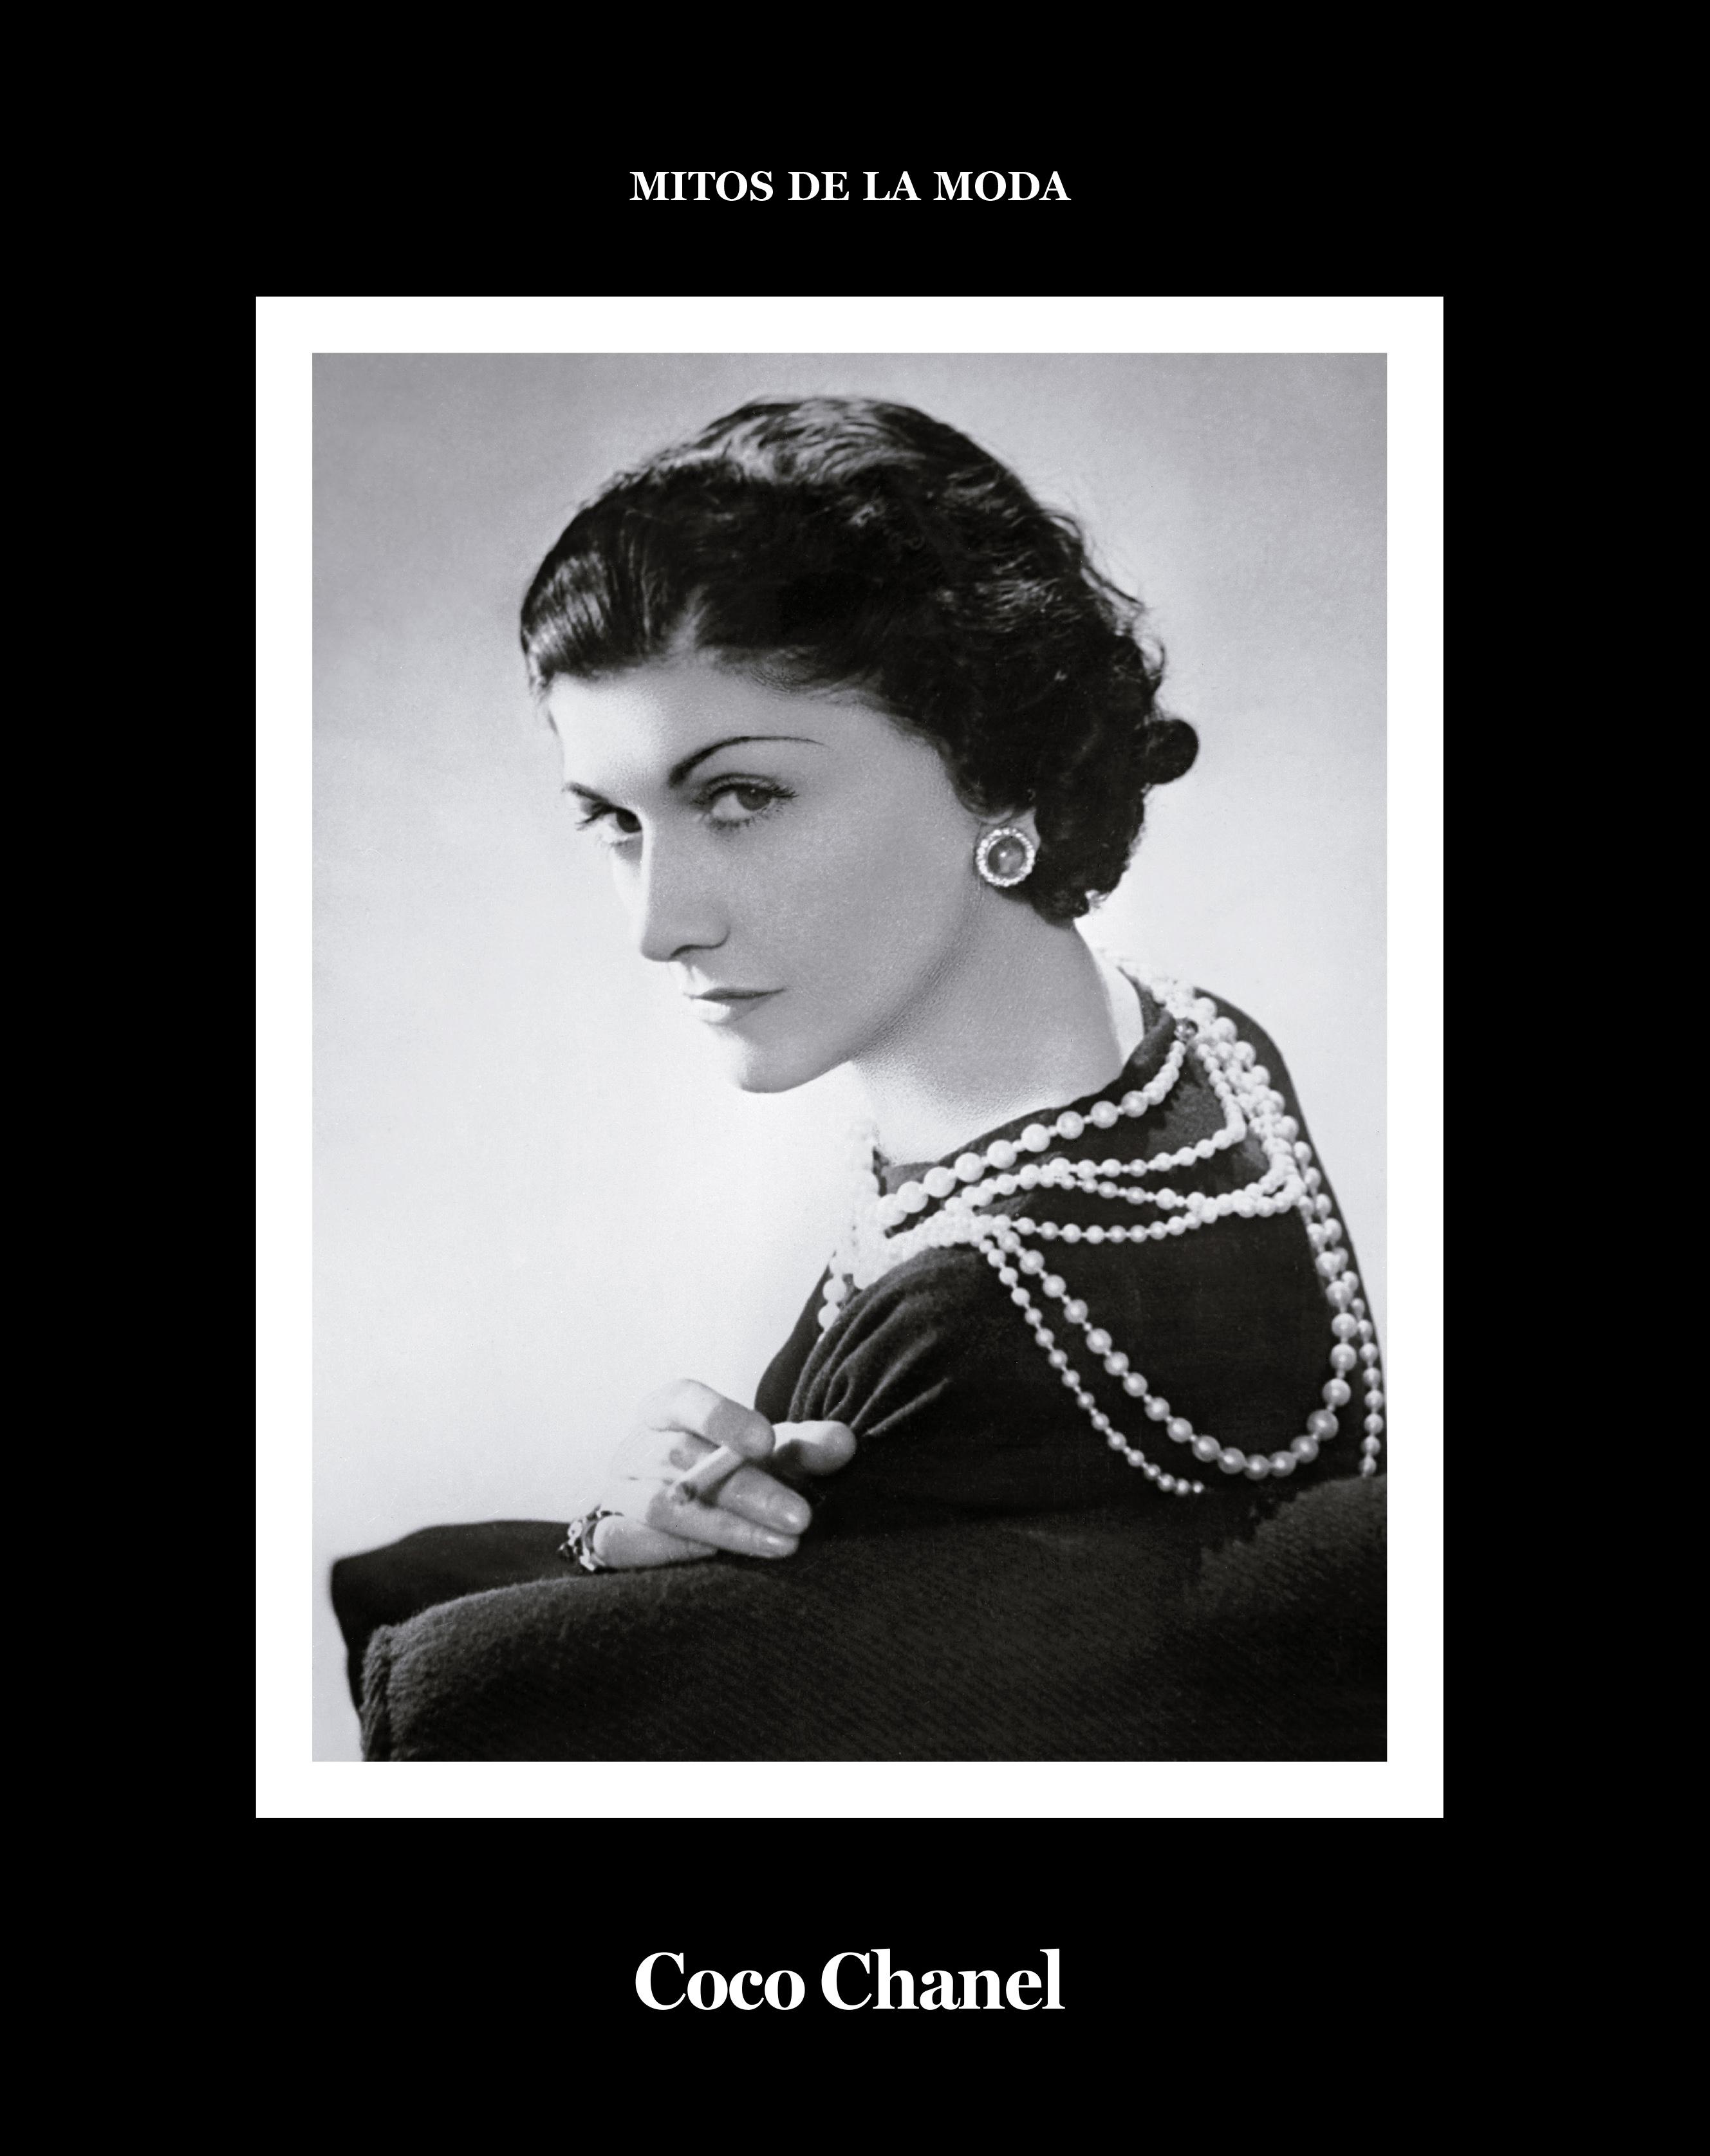 Coco Chanel.   «Mitos de la moda.»